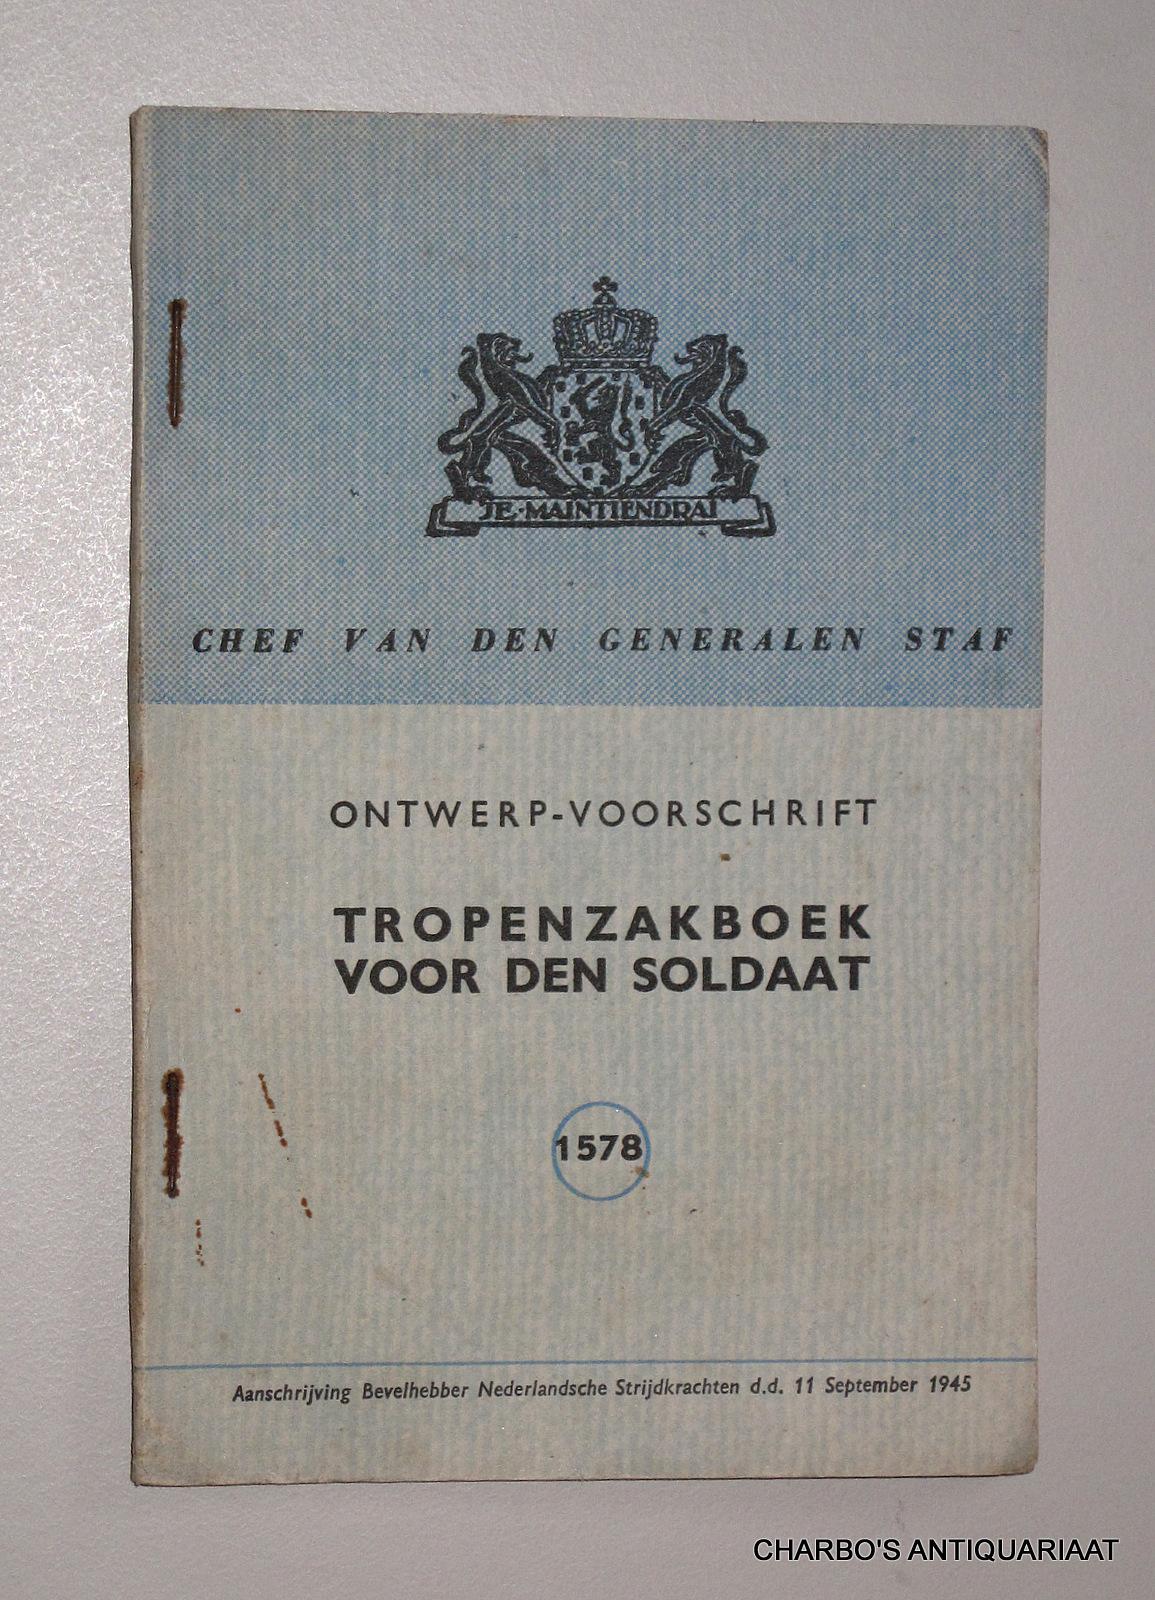 CHEF VAN DEN GENERALEN STAF, -  Ontwerp-voorschrift Tropenzakboek voor den soldaat. No. 1578..